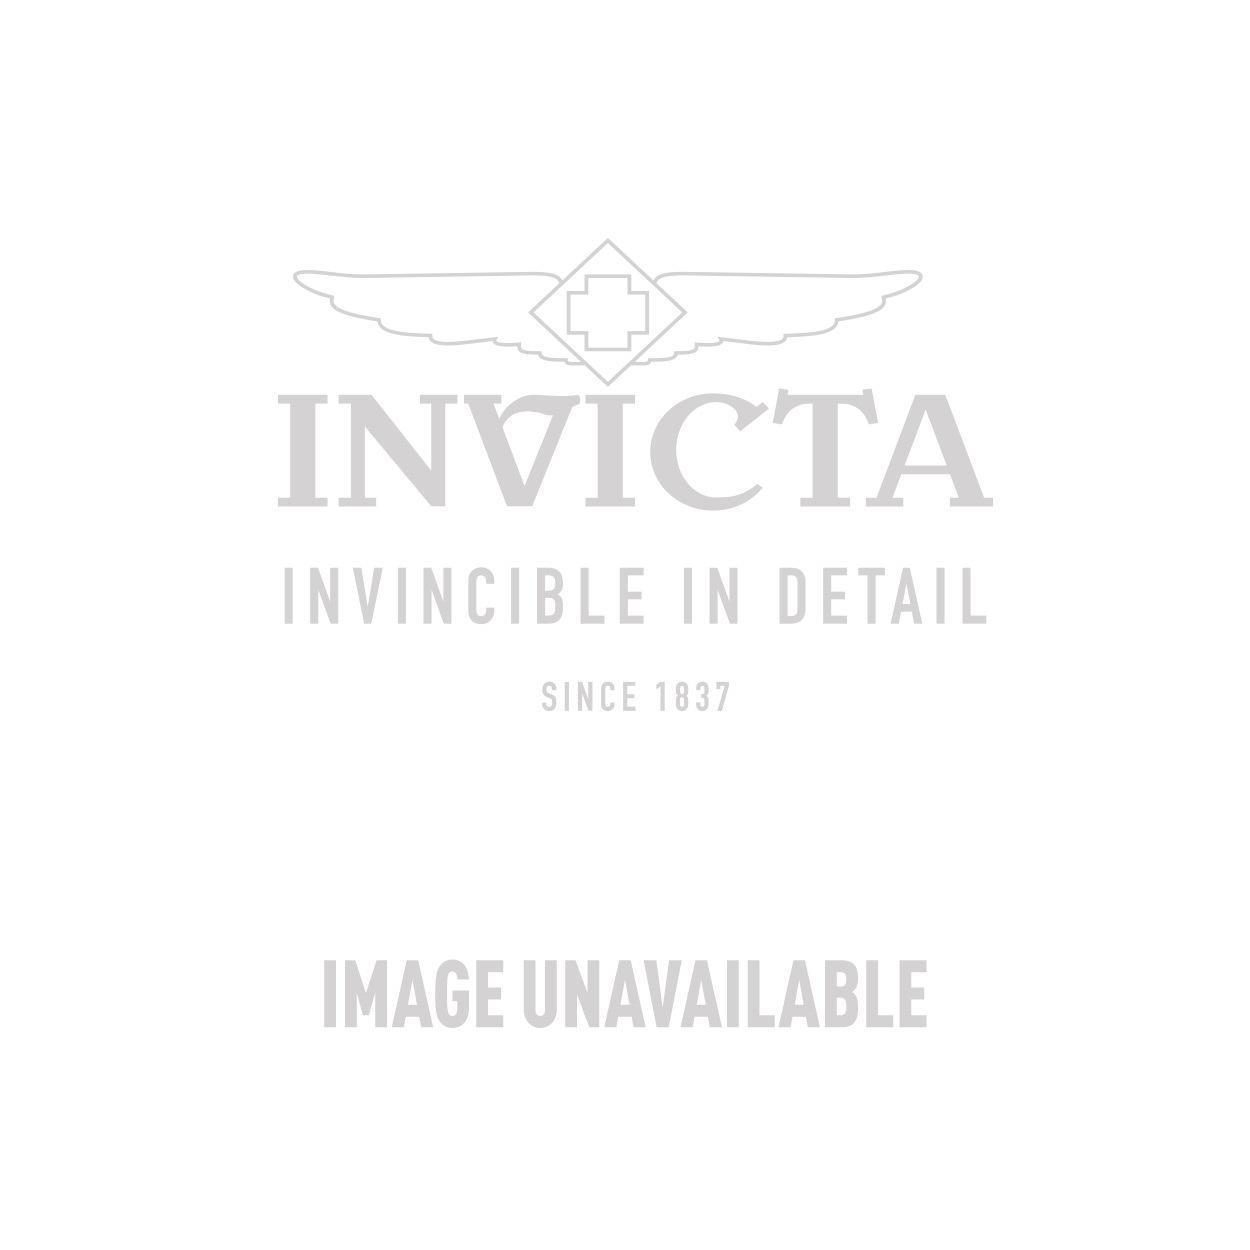 Invicta Model 25987